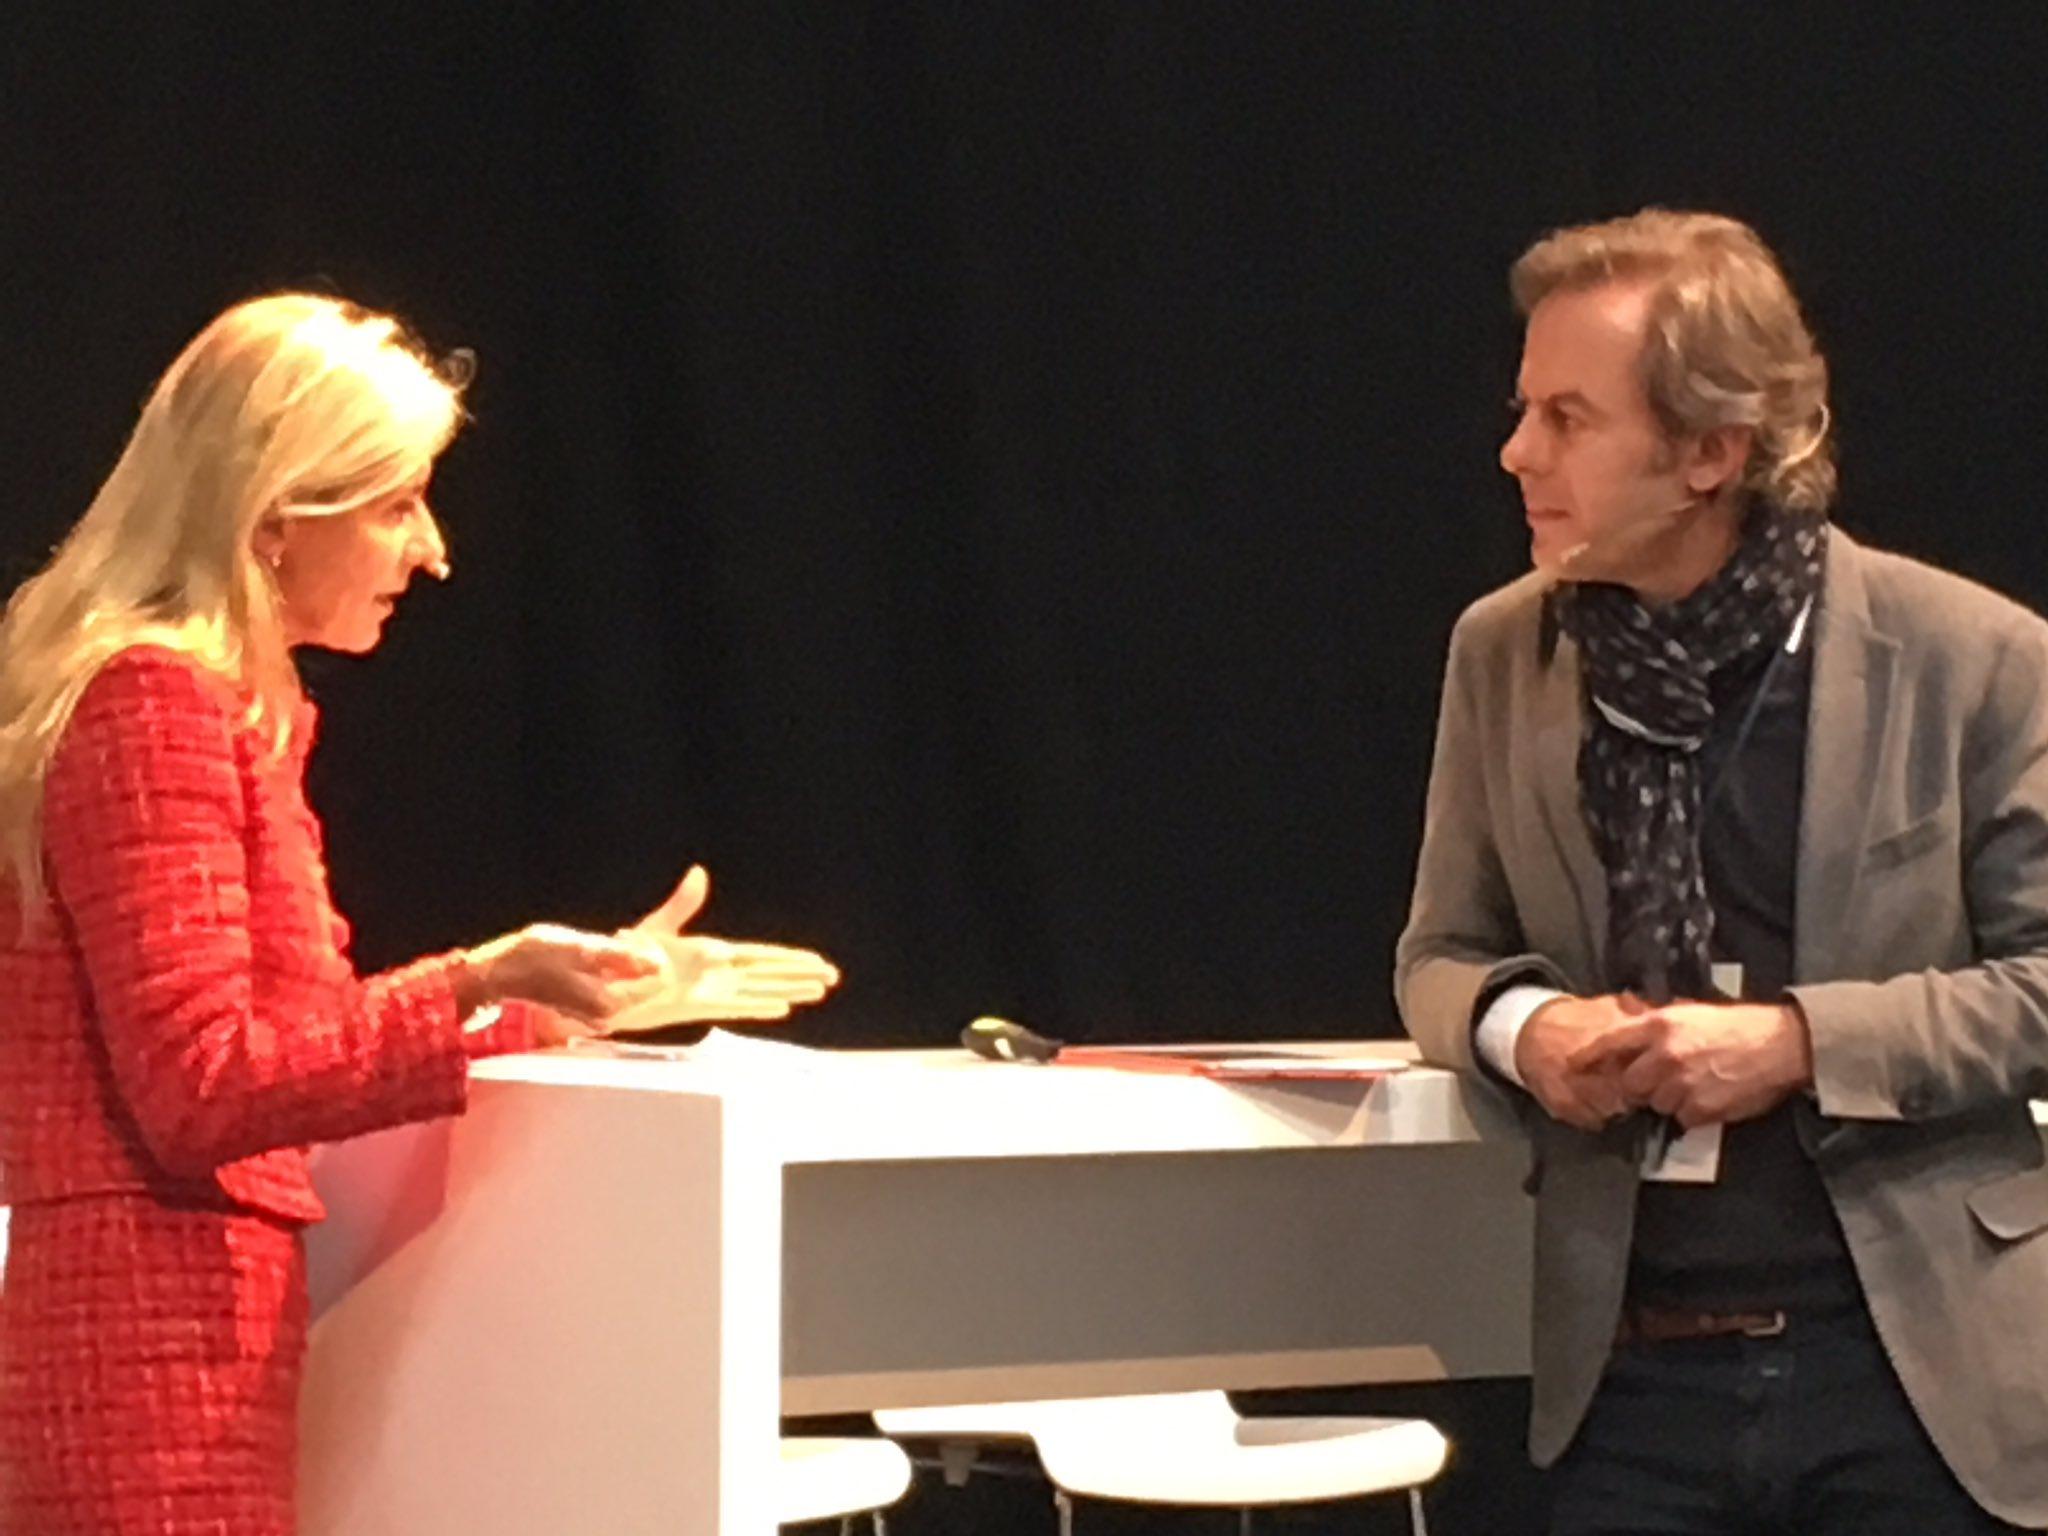 """""""Nah sein,weniger senden,mehr empfangen"""":Ursula Schütze-Kreilkamps Handlungsempfehlung für die anwesenden HR-Praktiker @alecmcint #cebiteda https://t.co/USNmTX4dfz"""